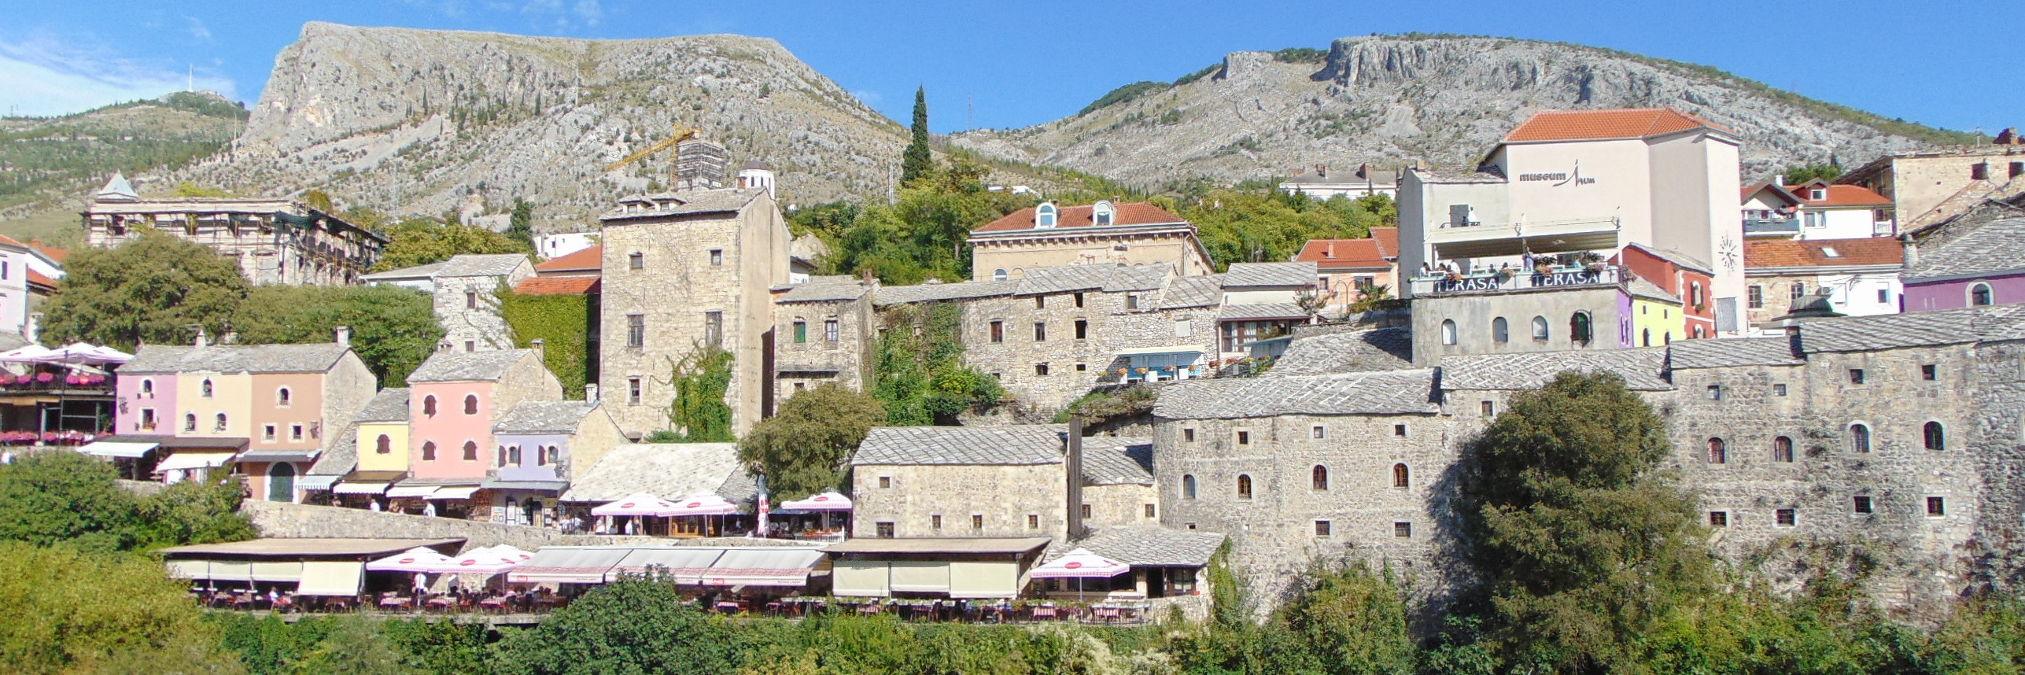 5 стереотипов о Боснии и Герцеговине